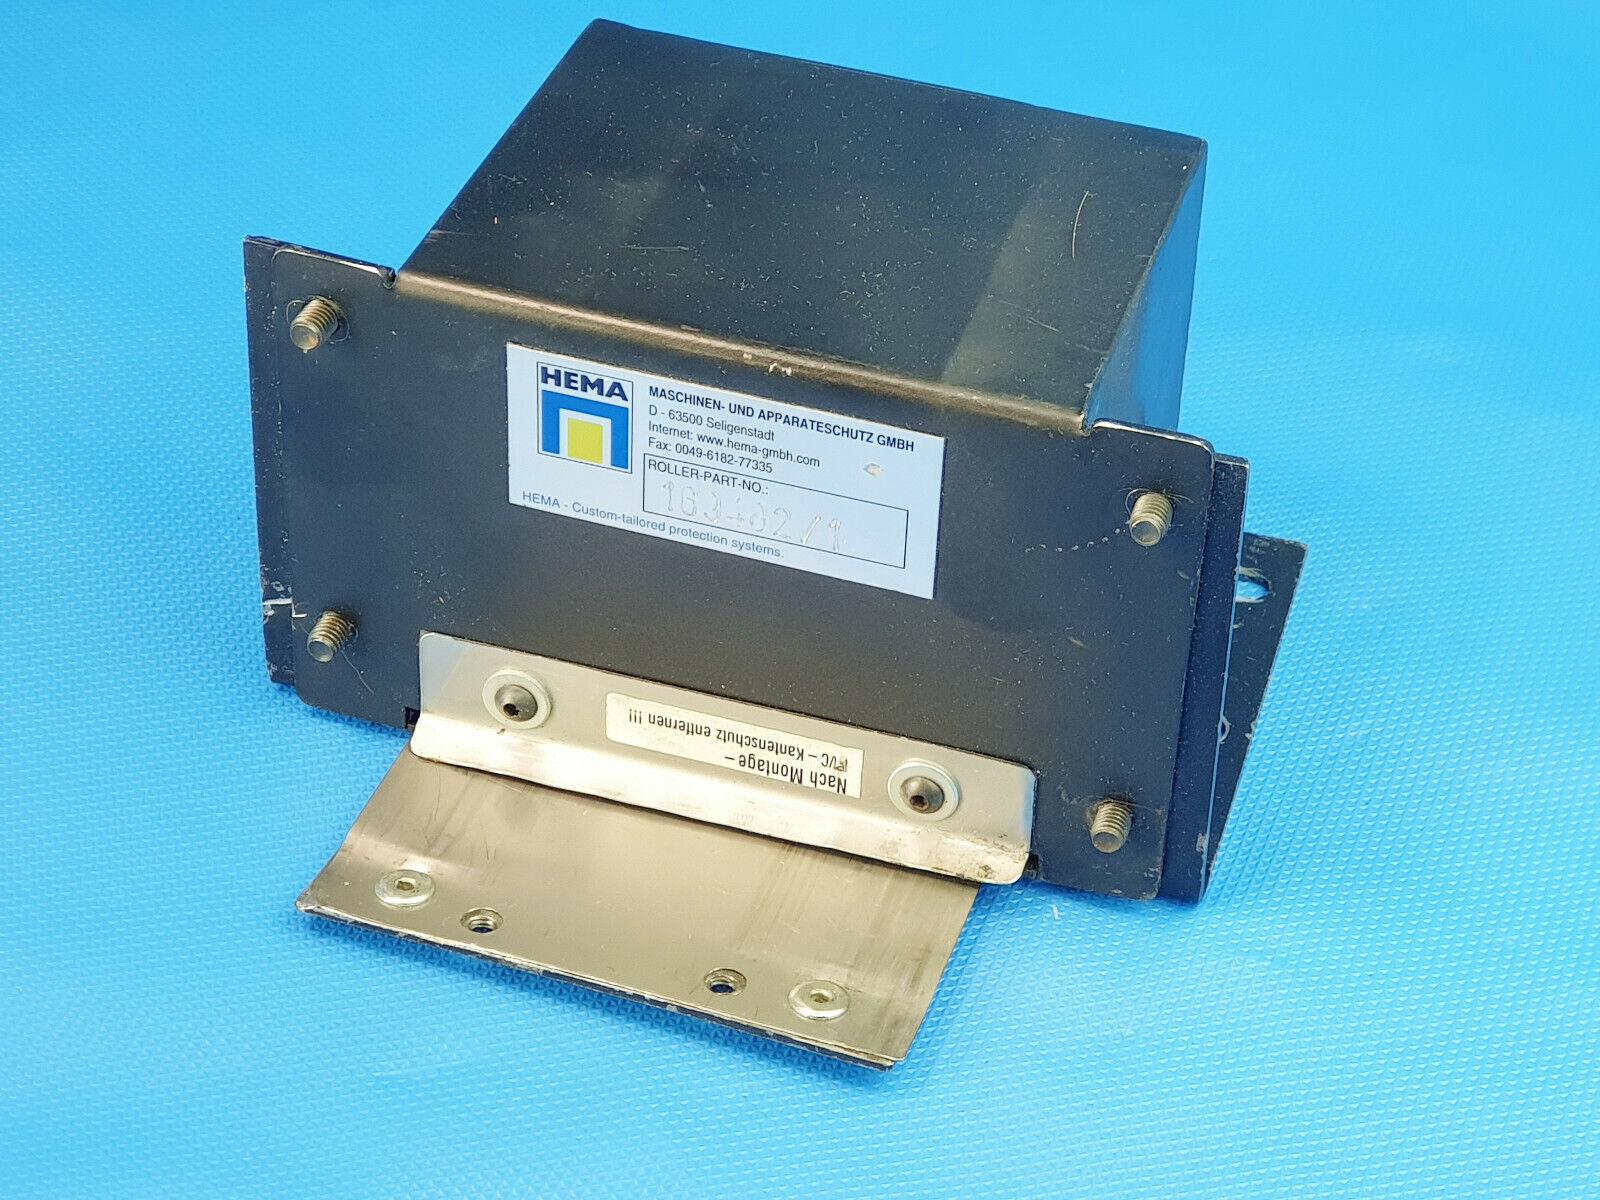 Hema 163482 1 Roller System mit Gehäuse und 3m Stahl Band Inkl. MwSt.